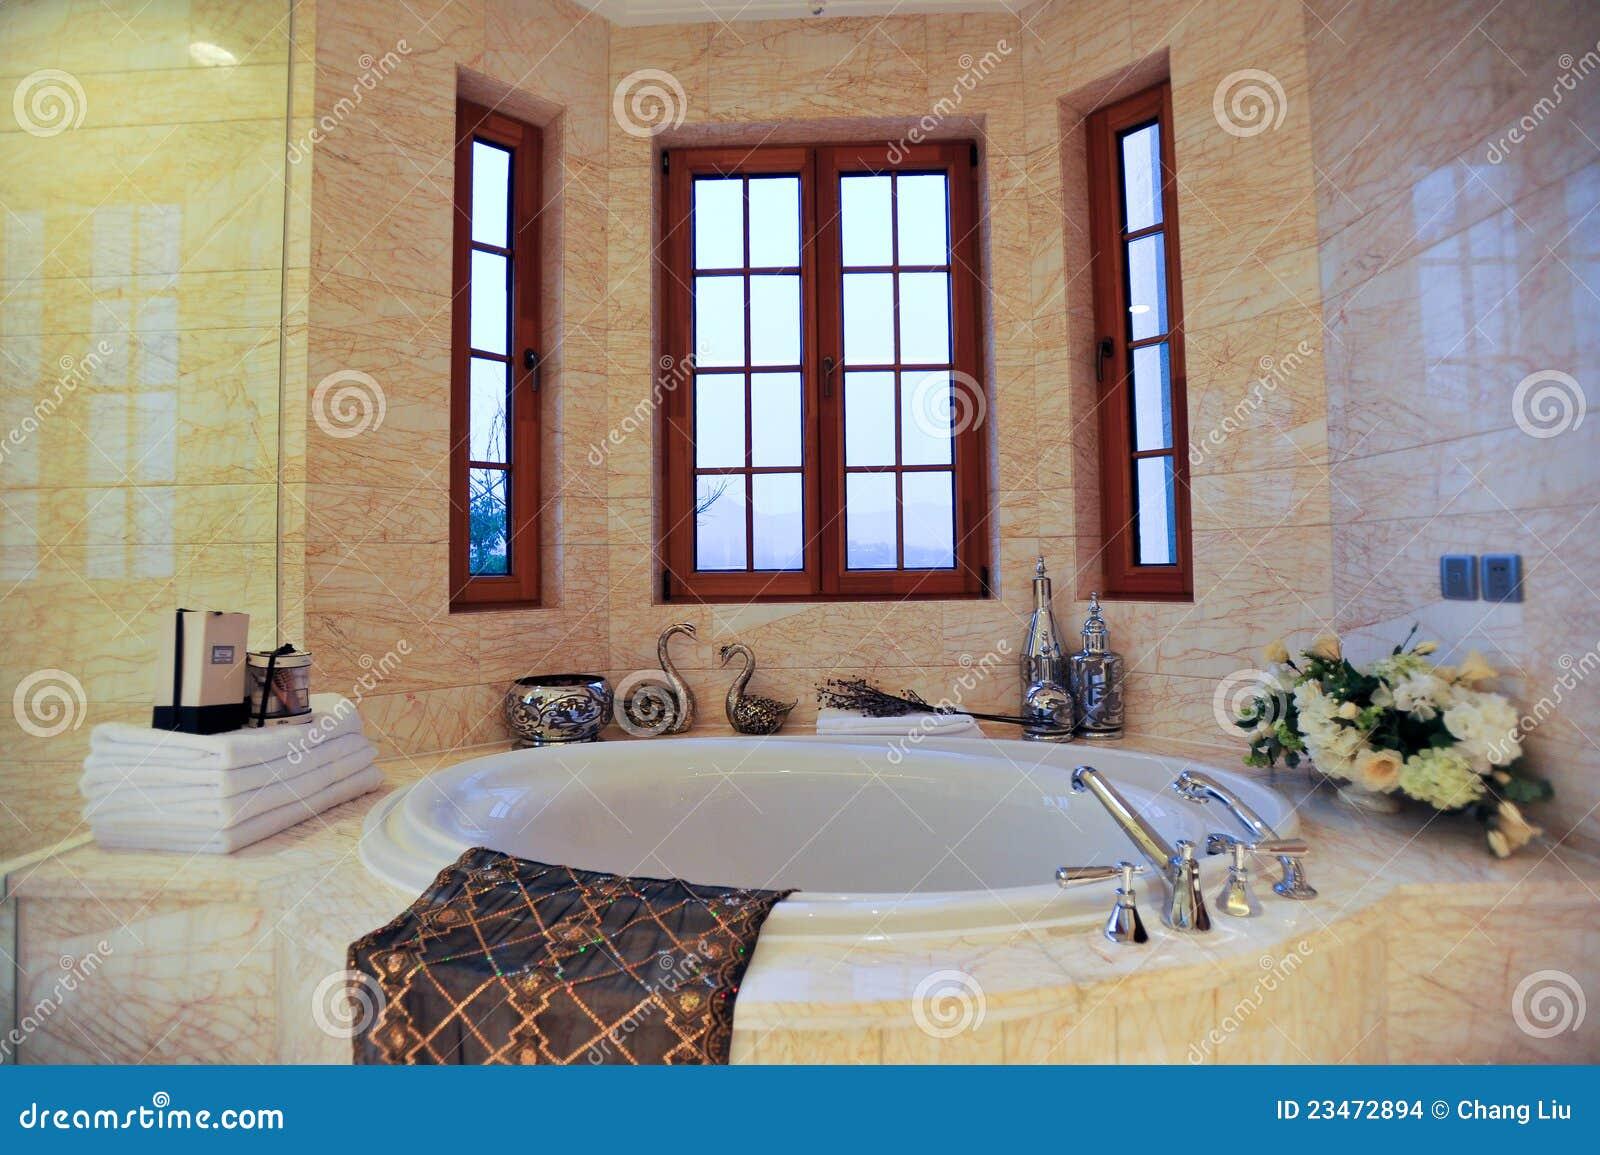 Vasca da bagno rotonda immagini stock immagine 23472894 - Vasca da bagno immagini ...